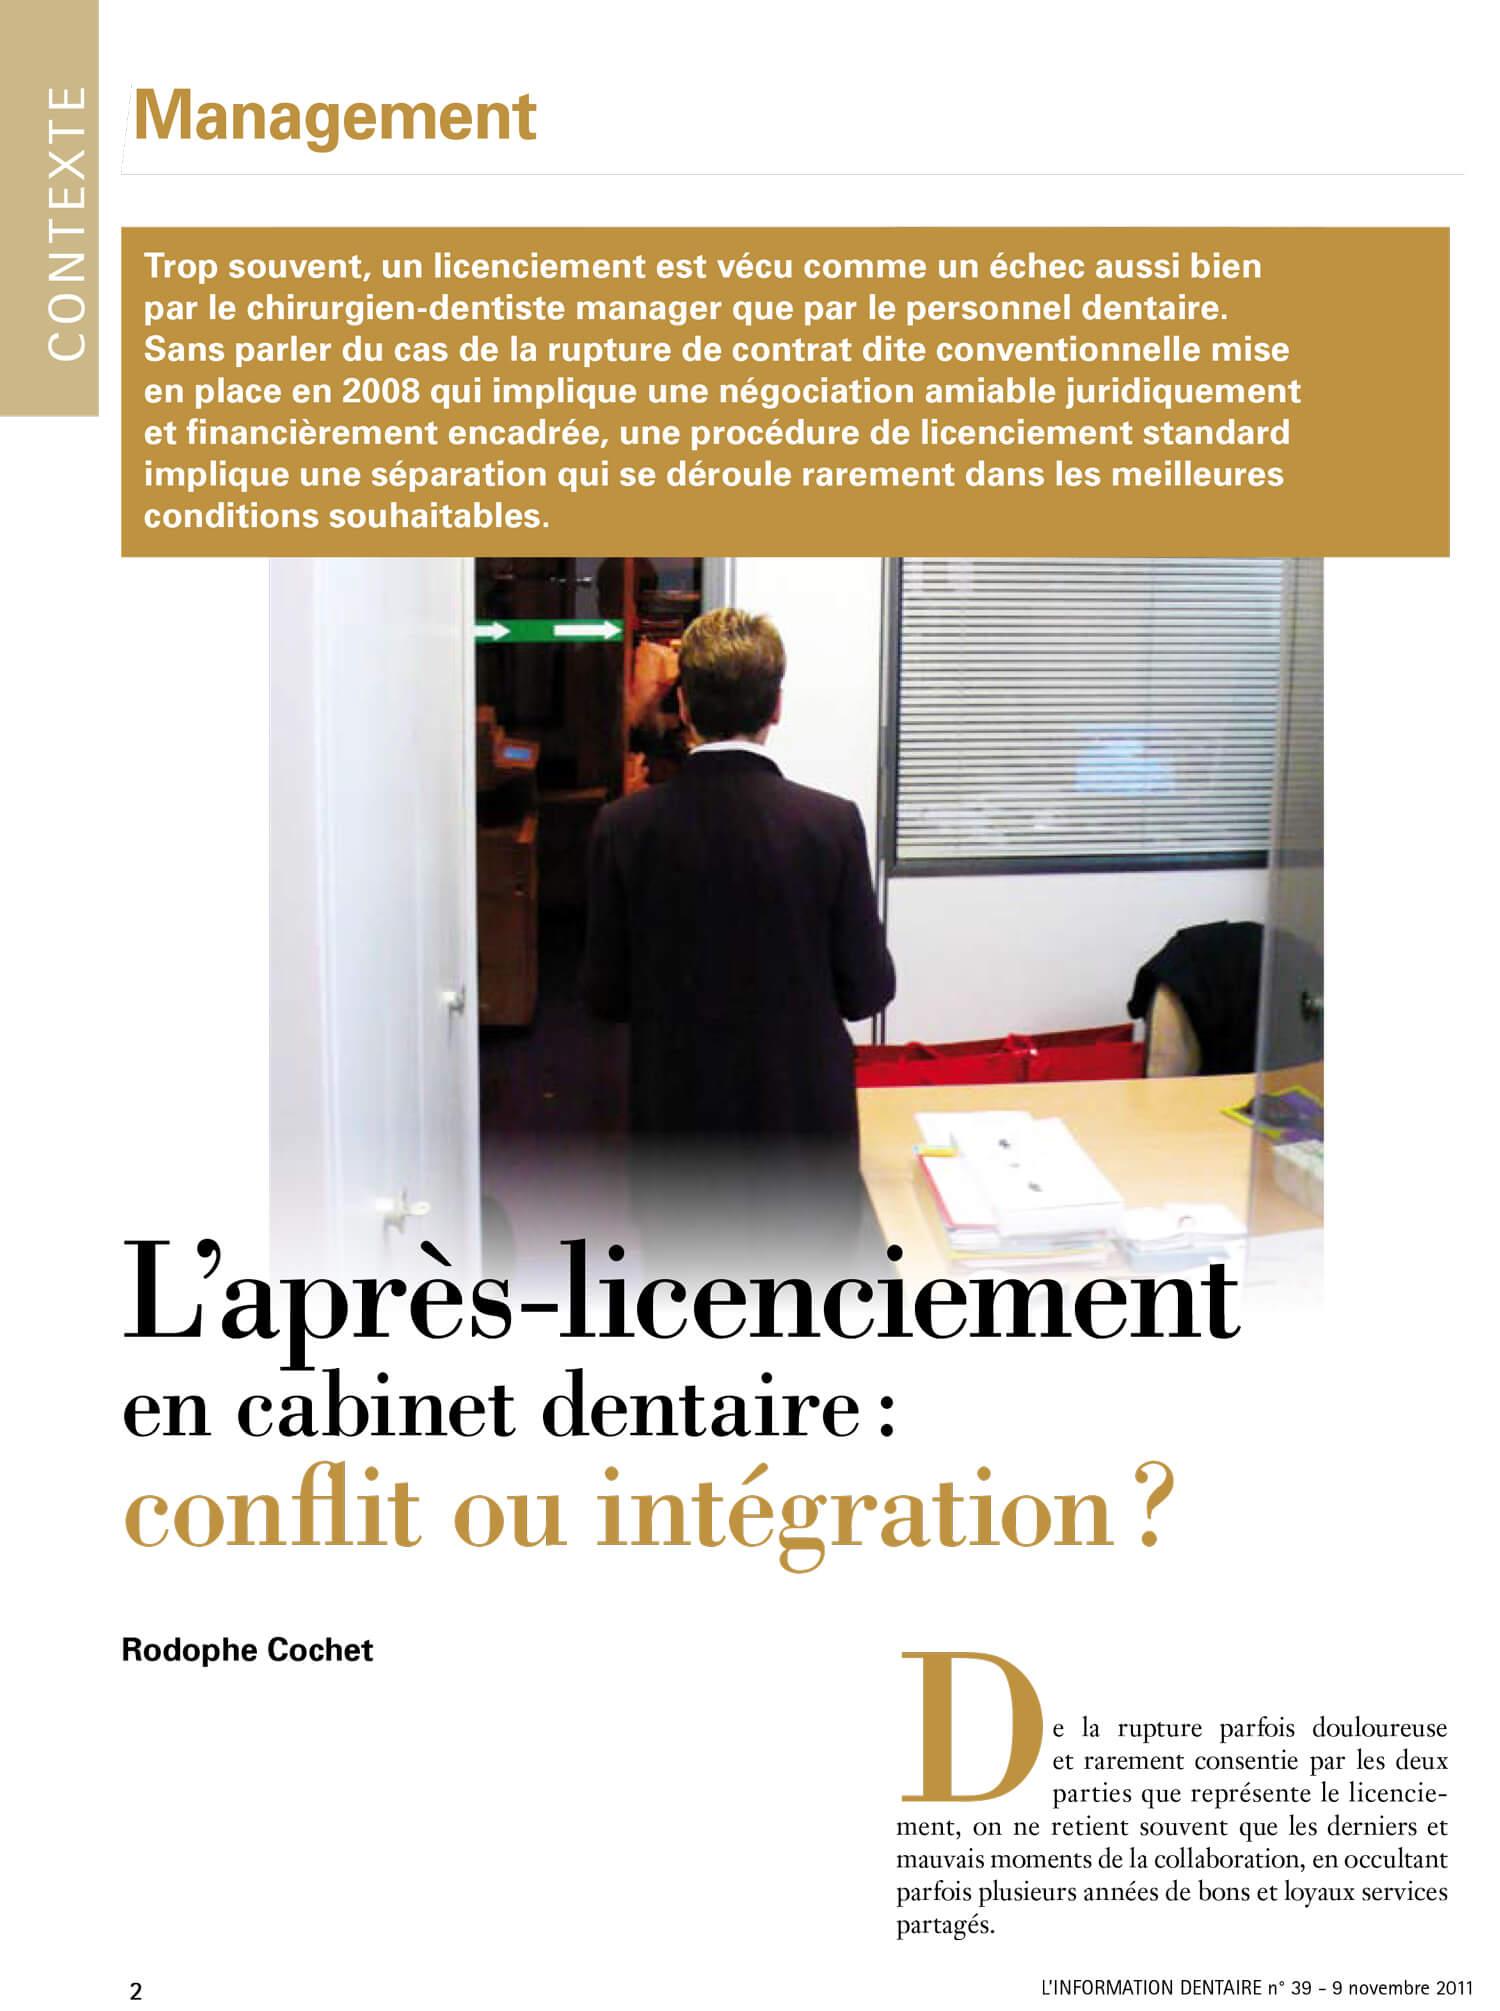 licenciement-cabinet-dentaire-integration-conflit-rupture-management-assistante-rodolphe-cochet.jpg